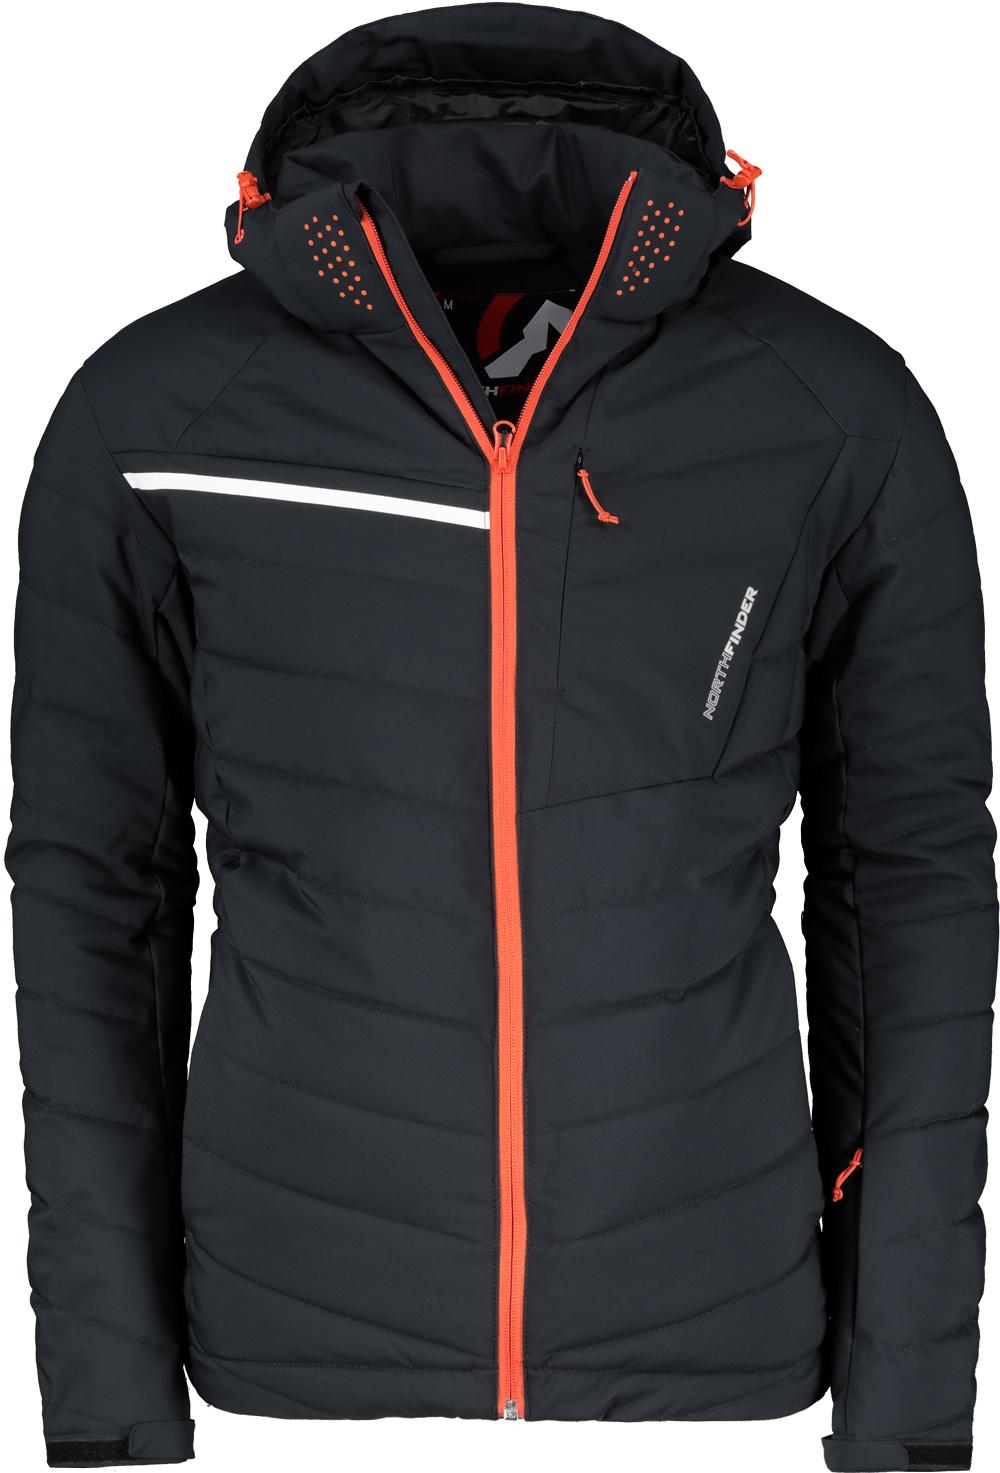 Men's winter jacket NORTHFINDER MAJOR